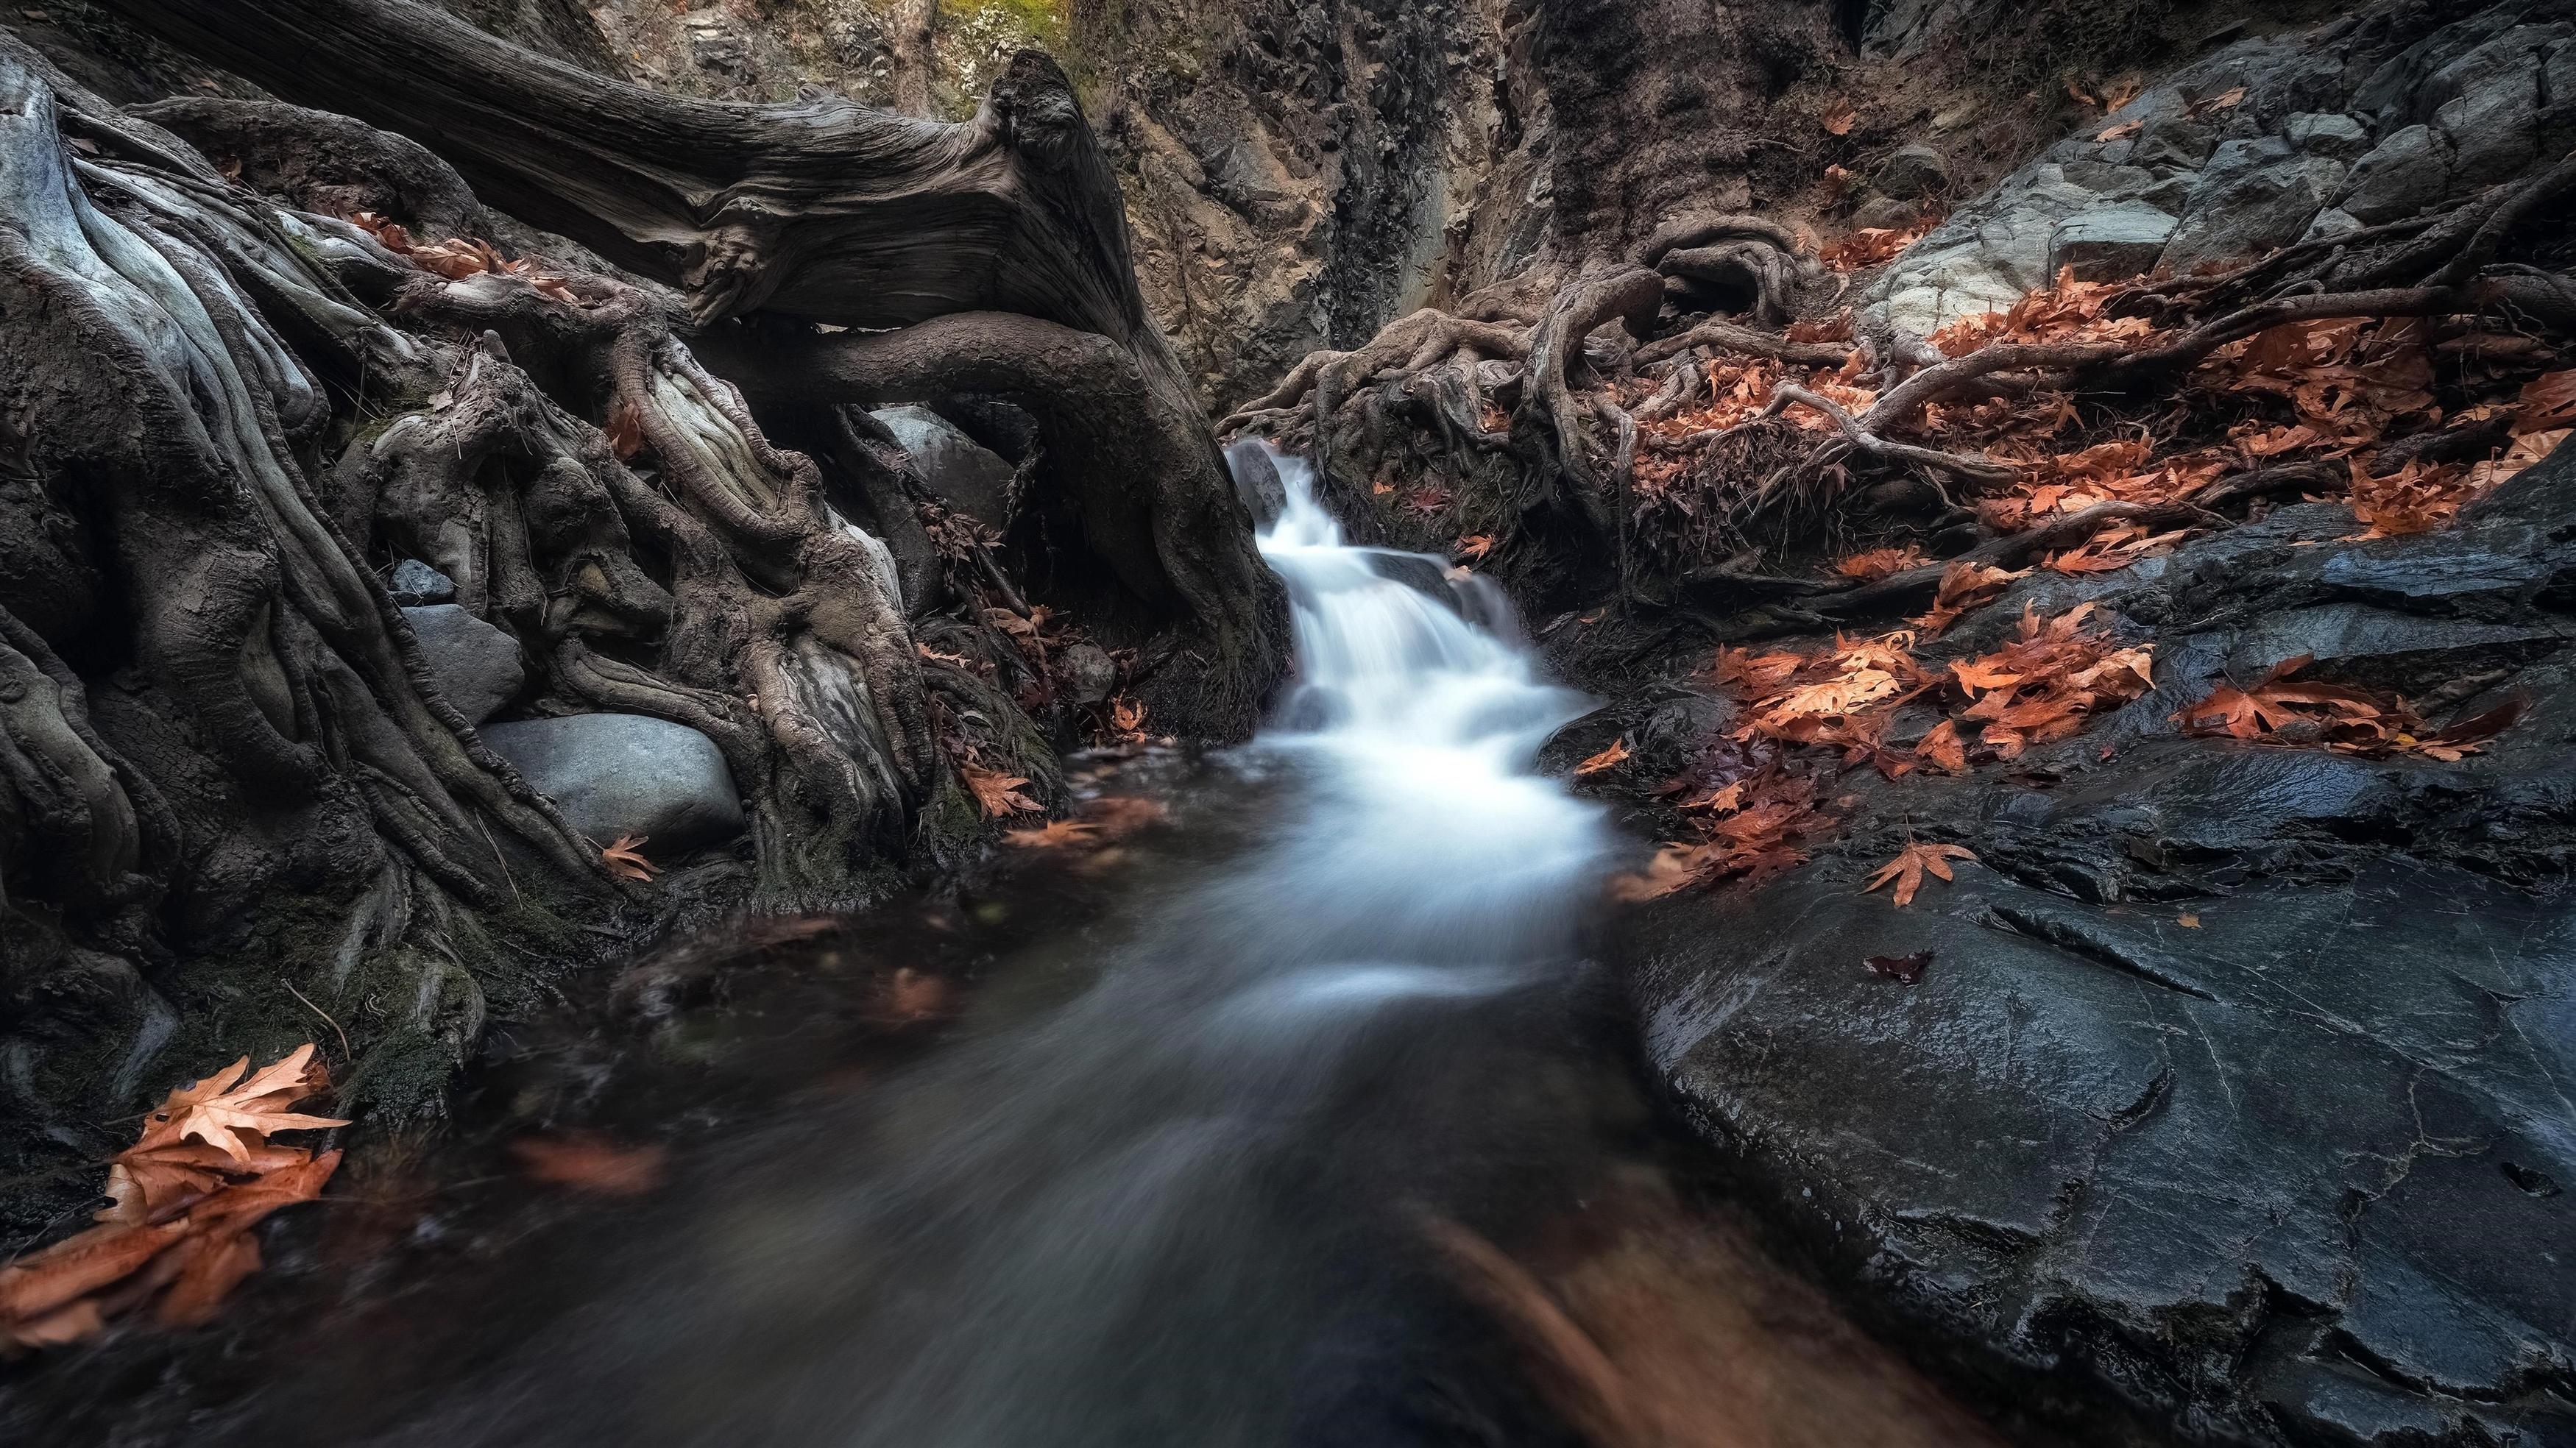 Водопад, проходящий через деревья в темном лесу в дневное время природа обои скачать